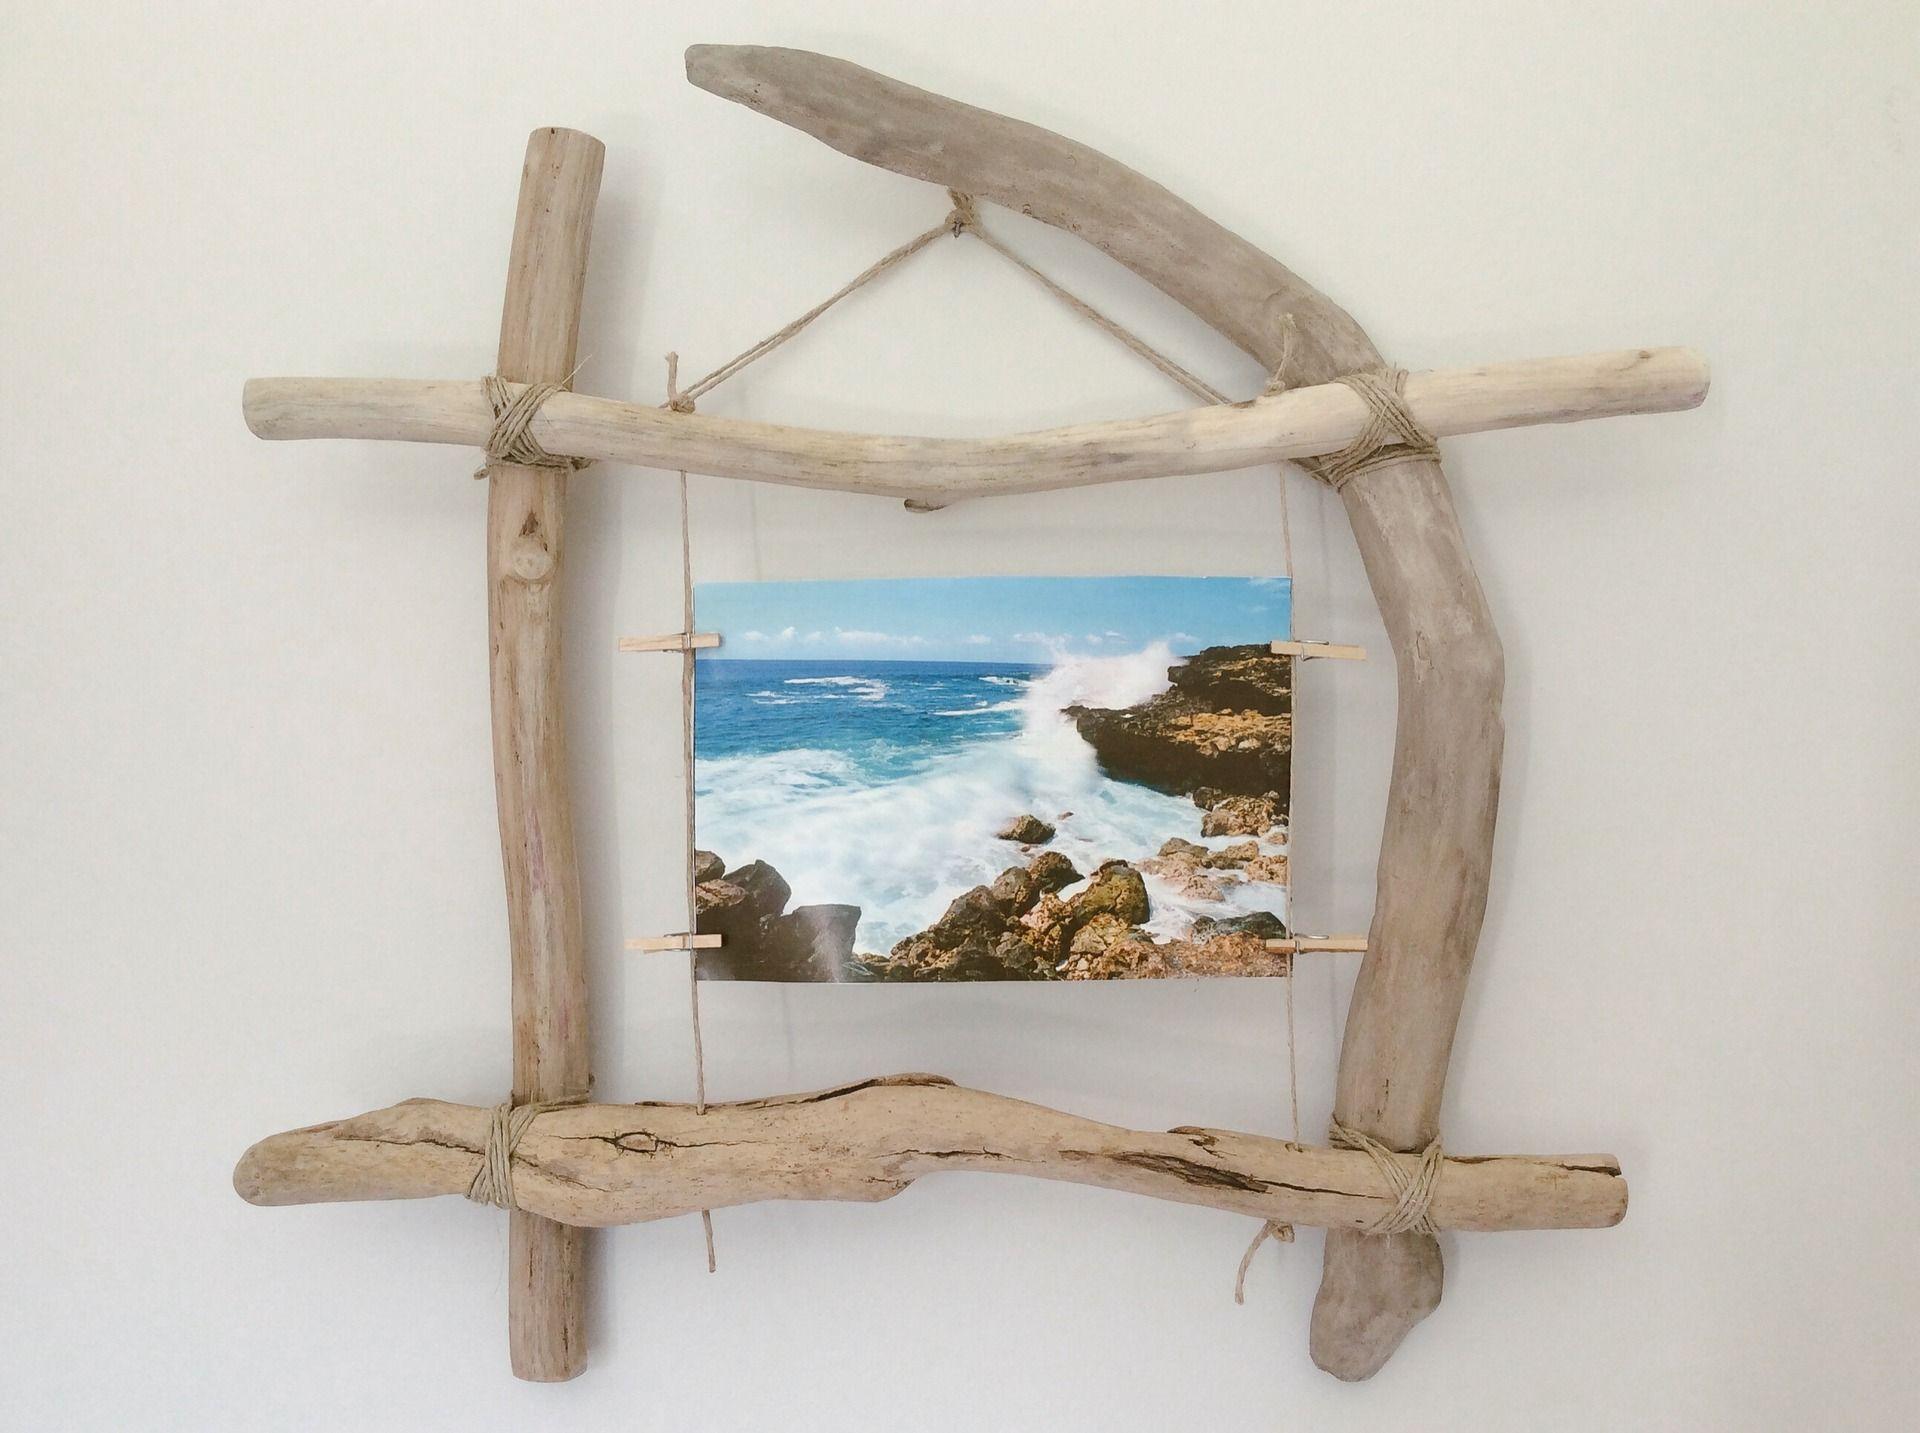 cadre photo en bois flott par l 39 atelier de corinne. Black Bedroom Furniture Sets. Home Design Ideas